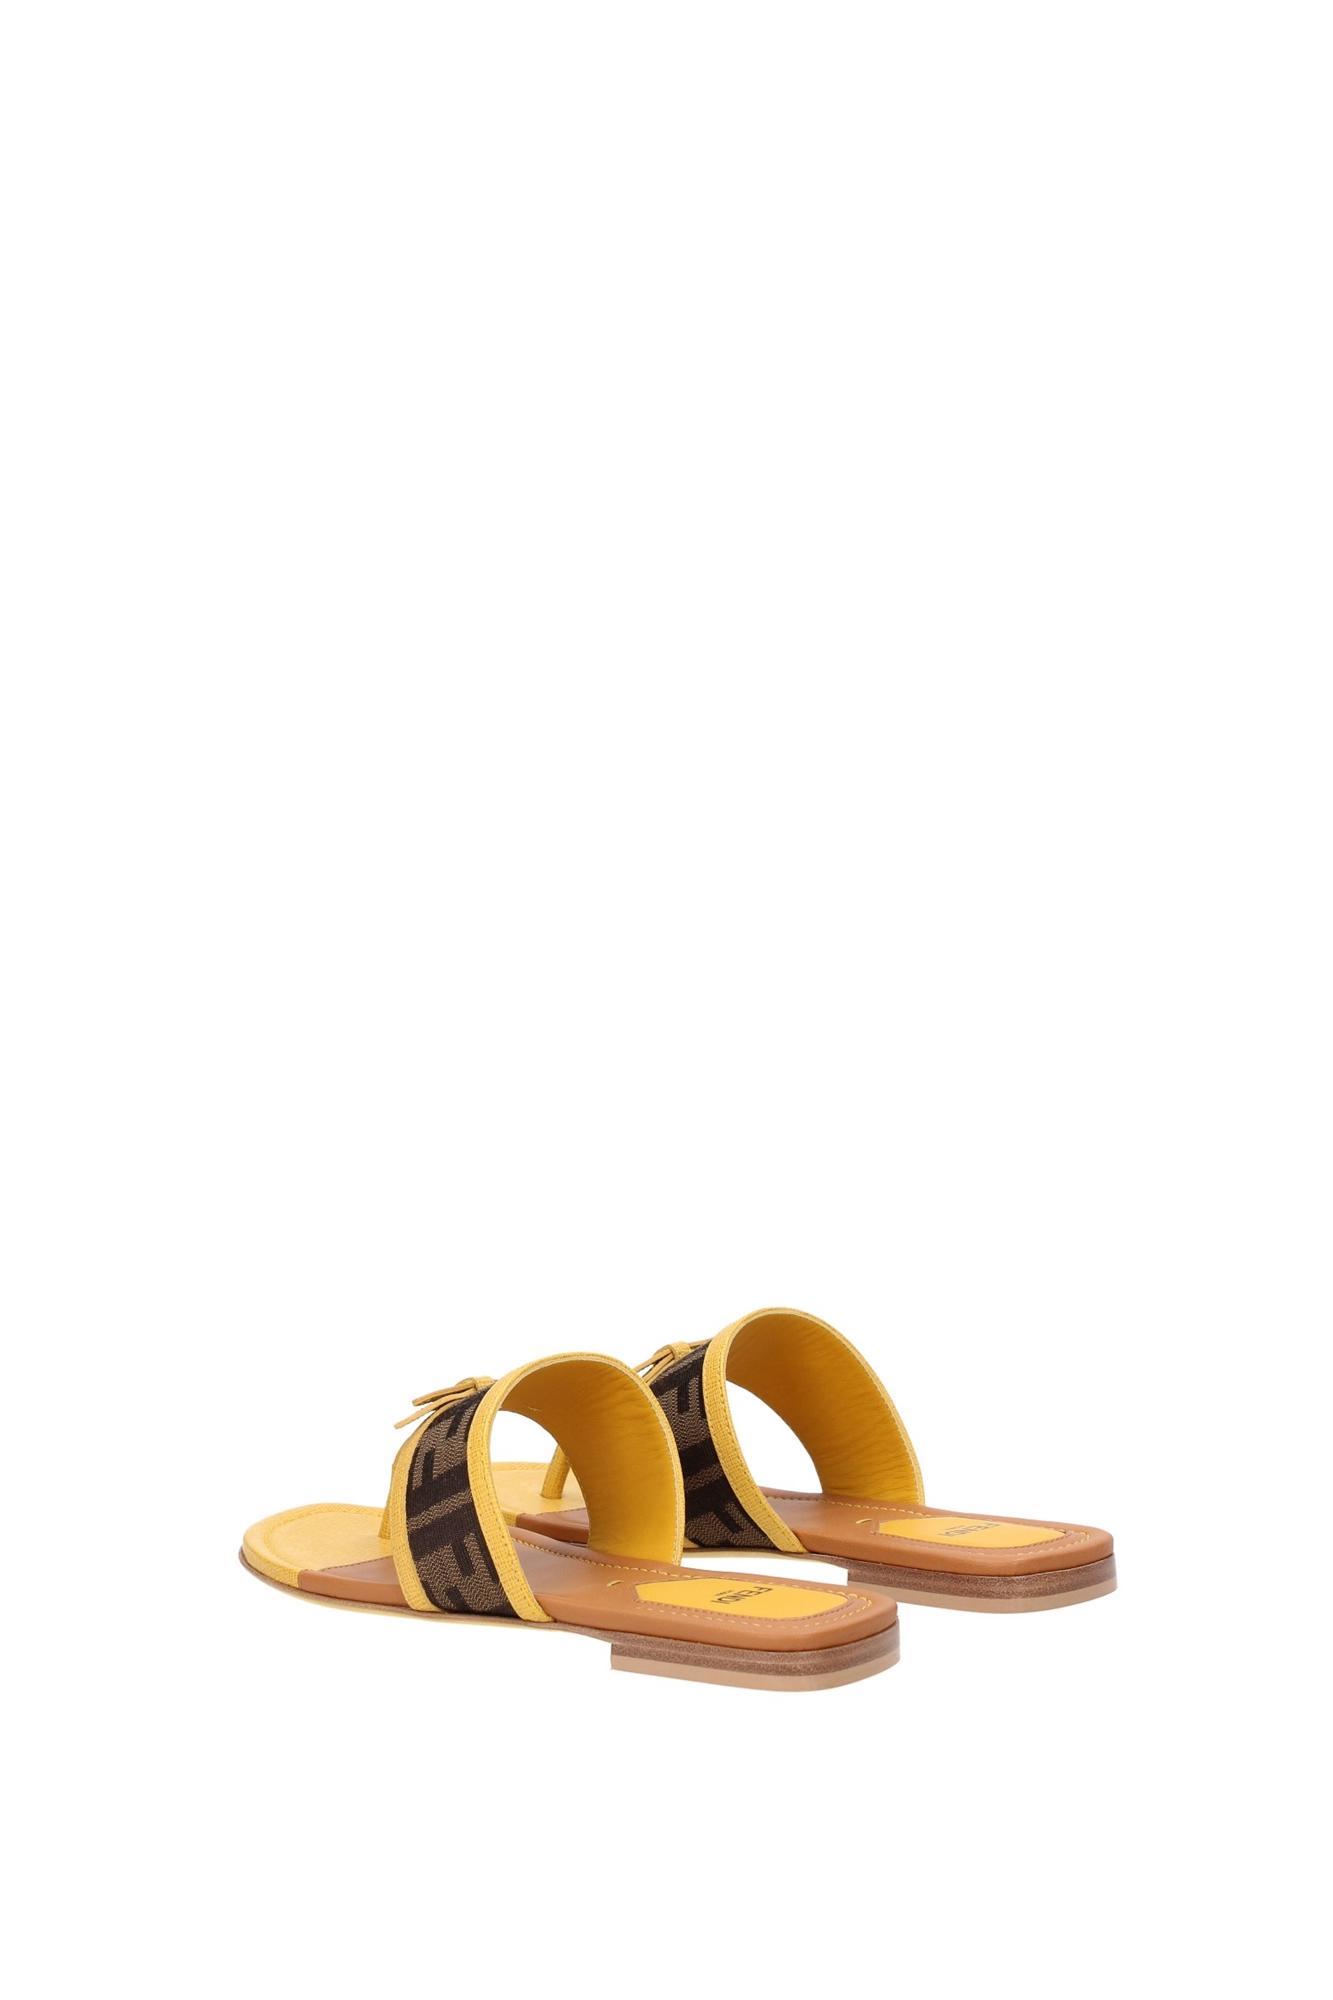 flip flops fendi damen stoff gelb 8y47271f1f0v06 ebay. Black Bedroom Furniture Sets. Home Design Ideas